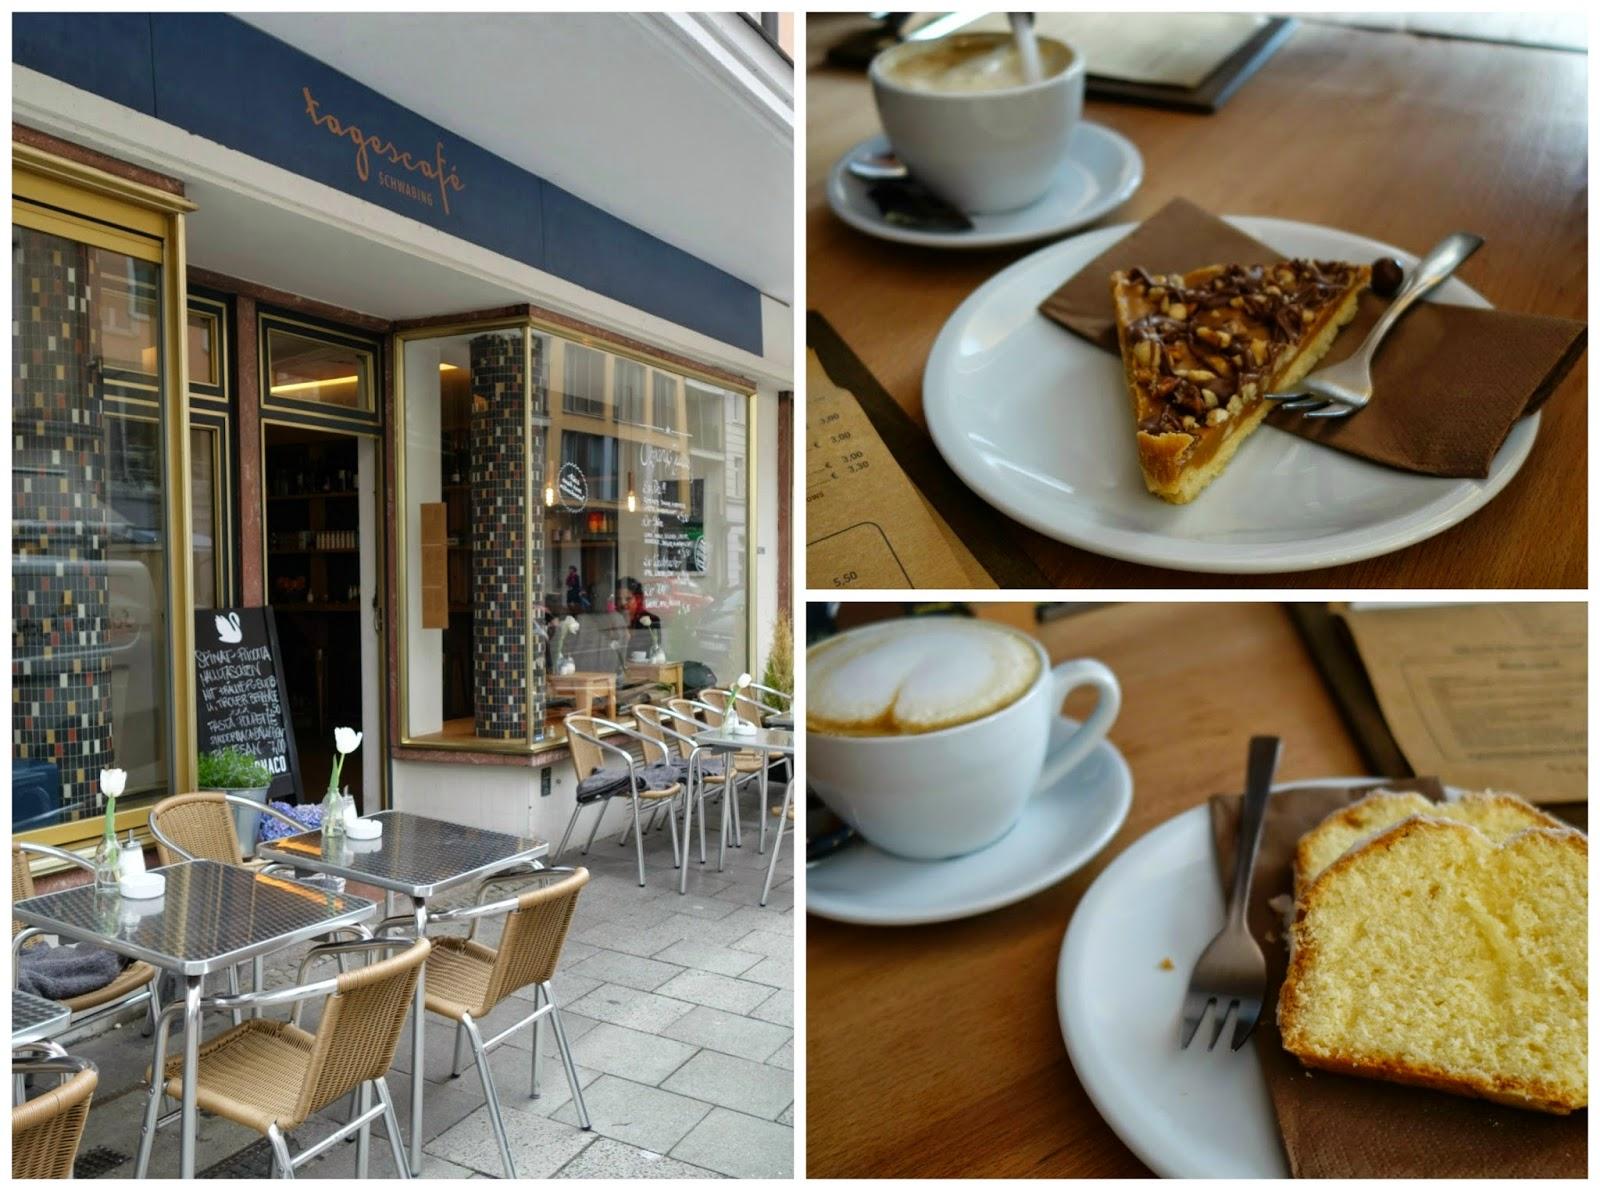 Kuchen München Cafe ~ unterwegs und kaffee und kuchen kaffee und kuchen in münchen tagescafé schwabing